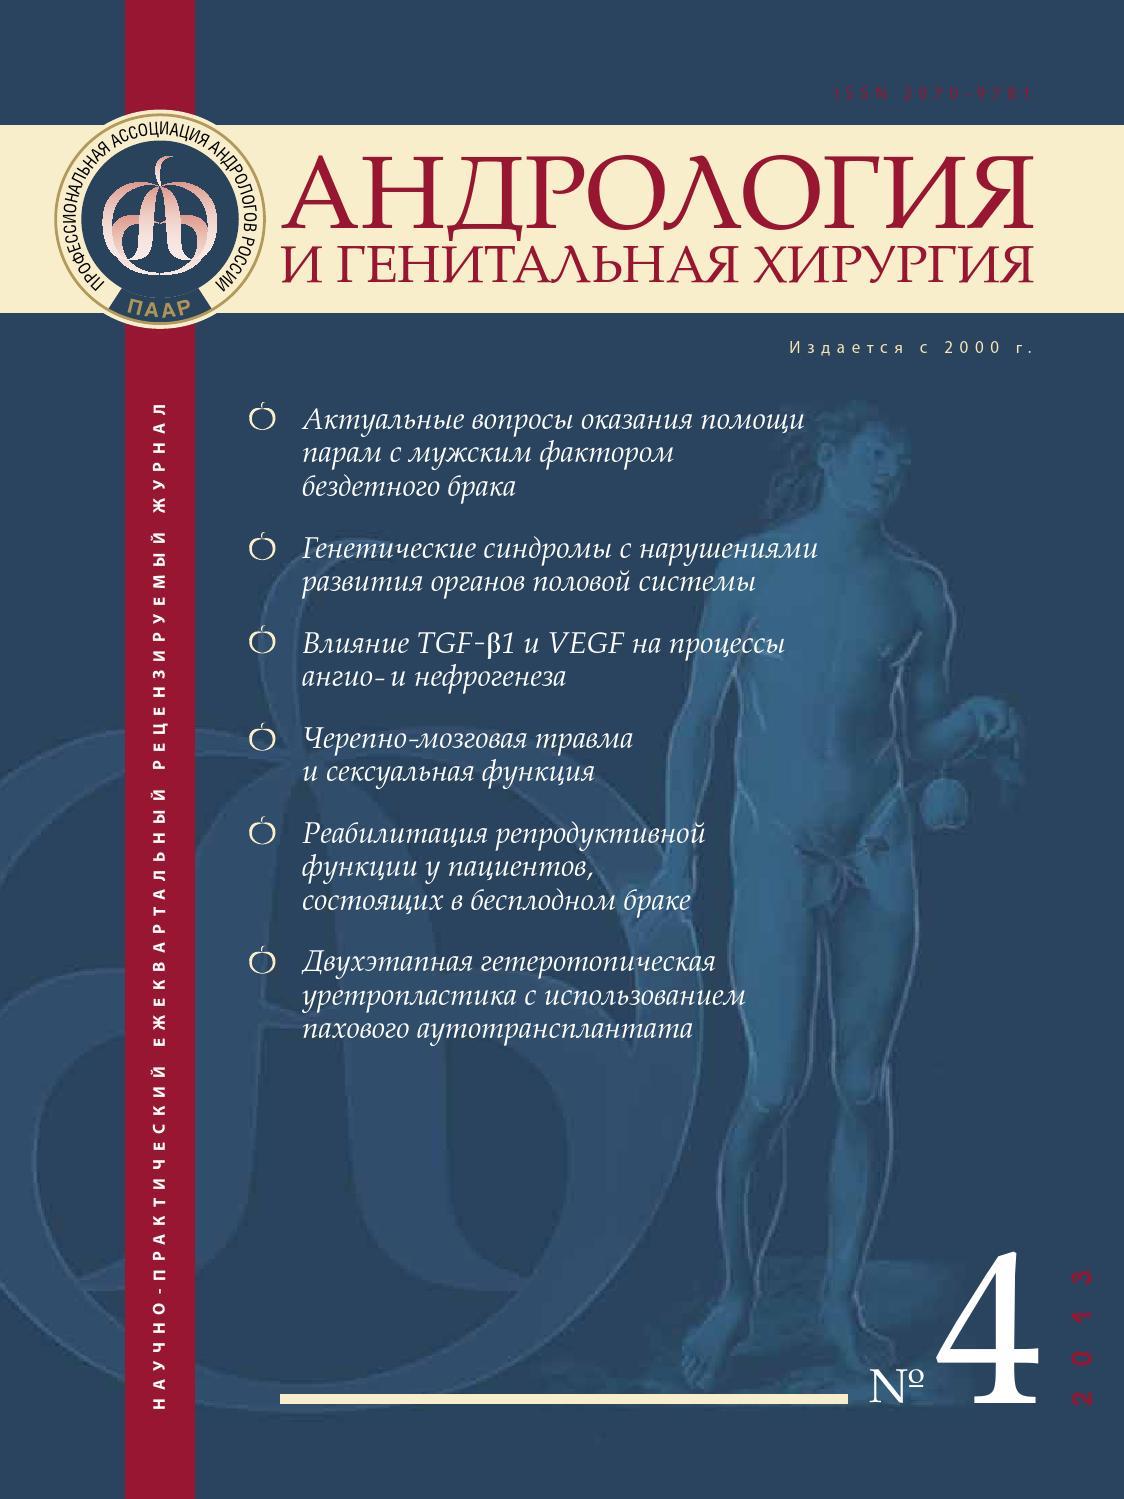 Синдром олбрайта: признаков, симптомы, причины, лечение. случай синдрома мак-кьюна - олбрайта - брайцева болезнь олбрайта